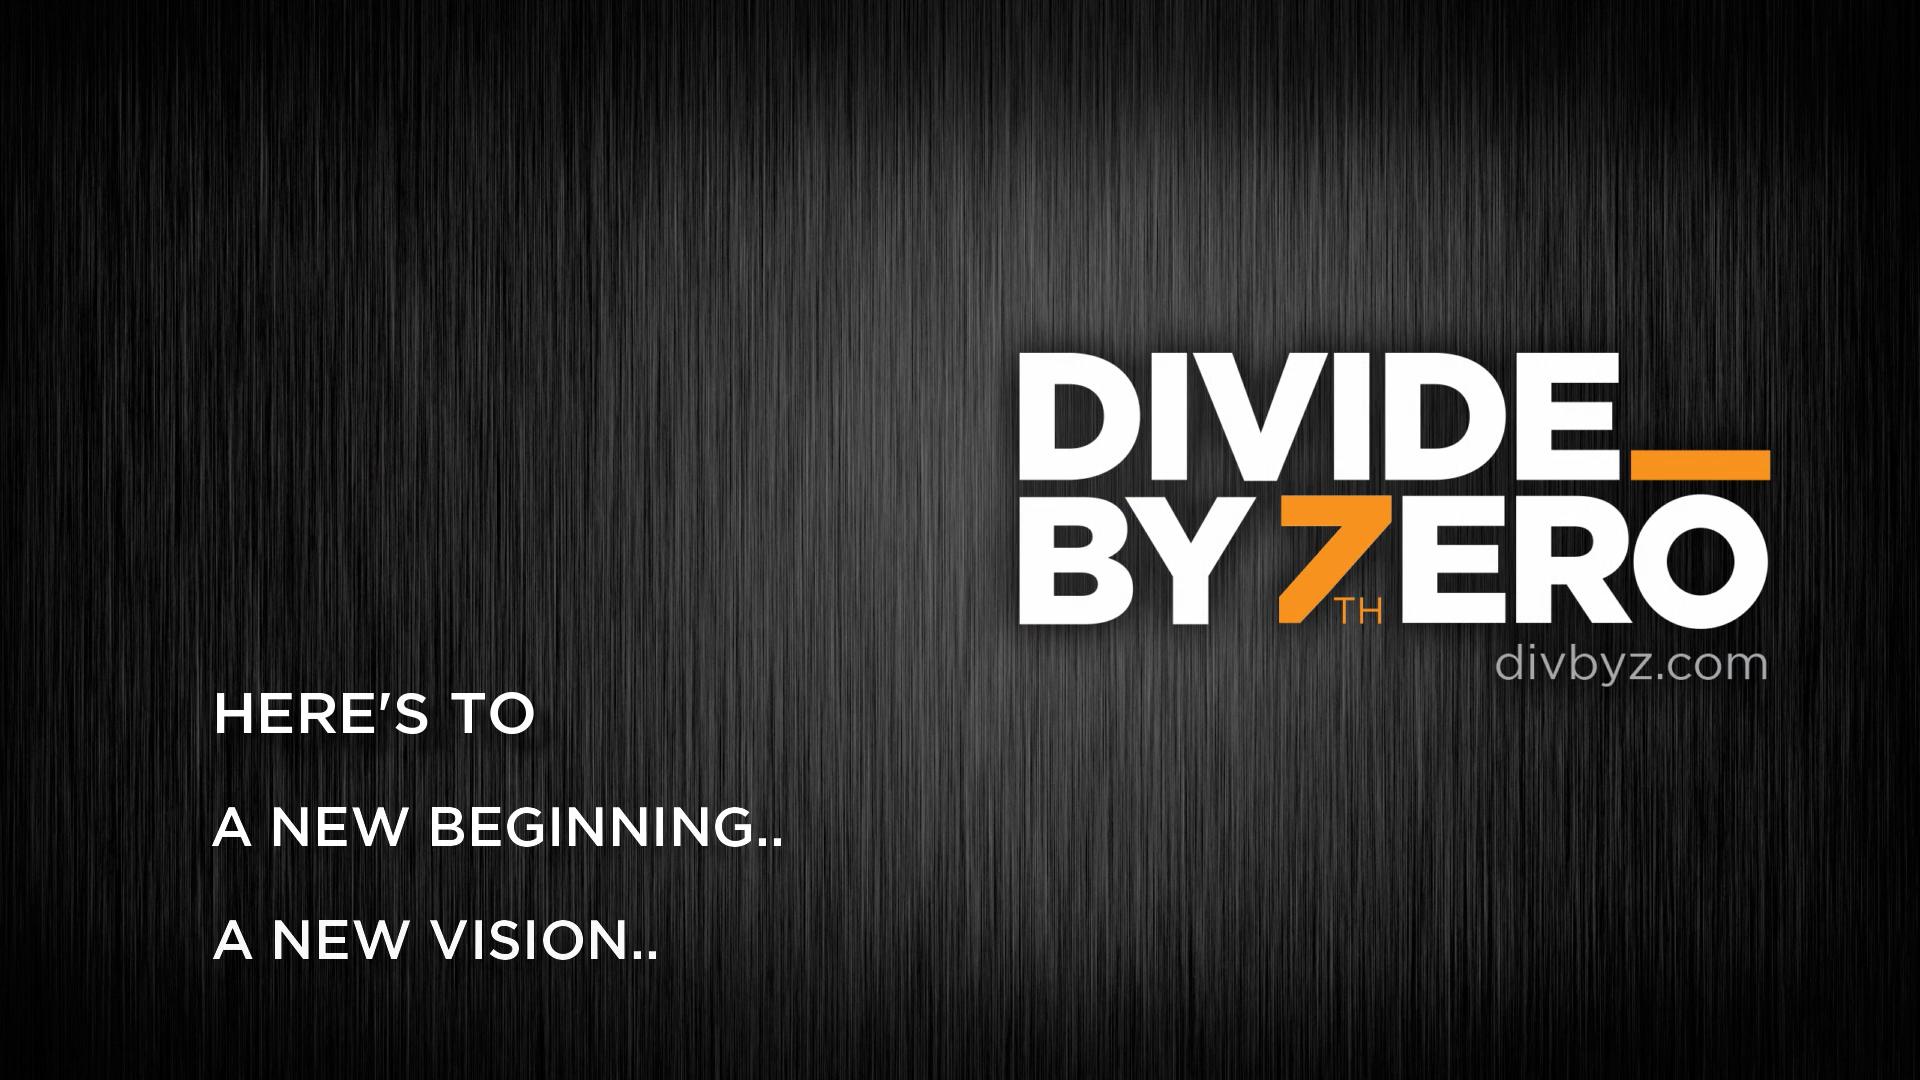 divbyz.com